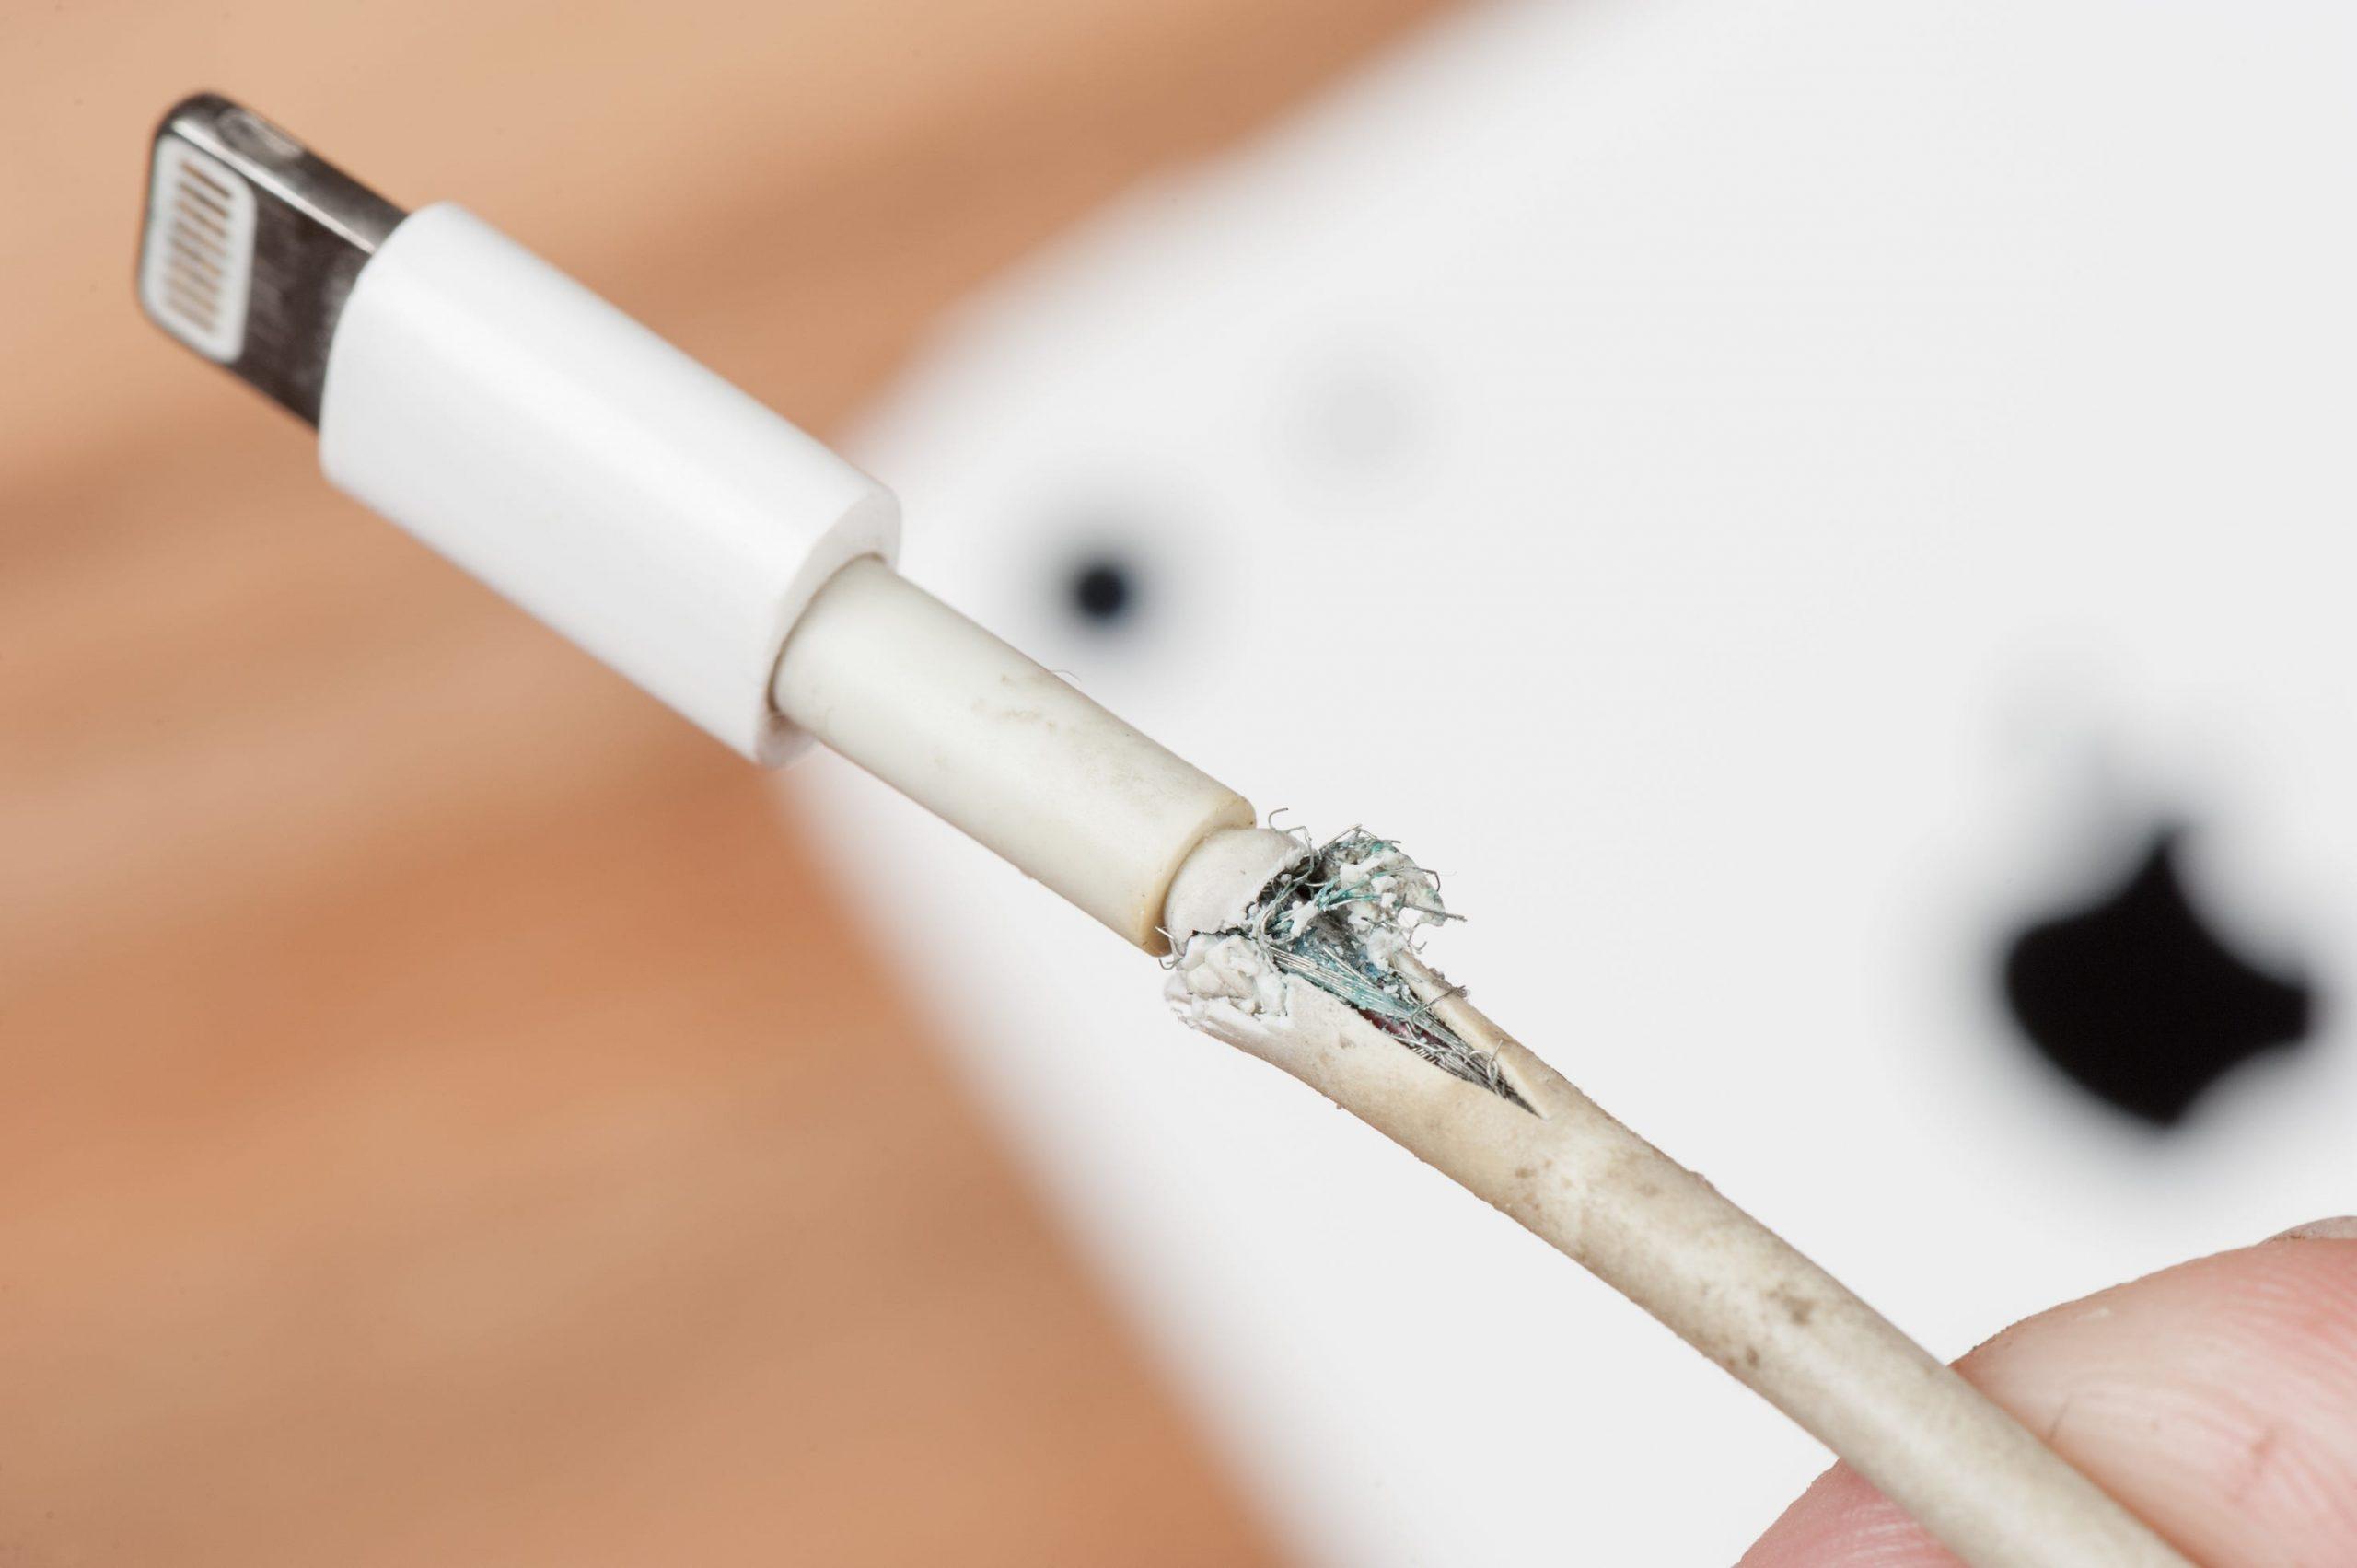 Conseils pour réparer un chargeur iPhone ou iPad qui semble cassé ou effiloché